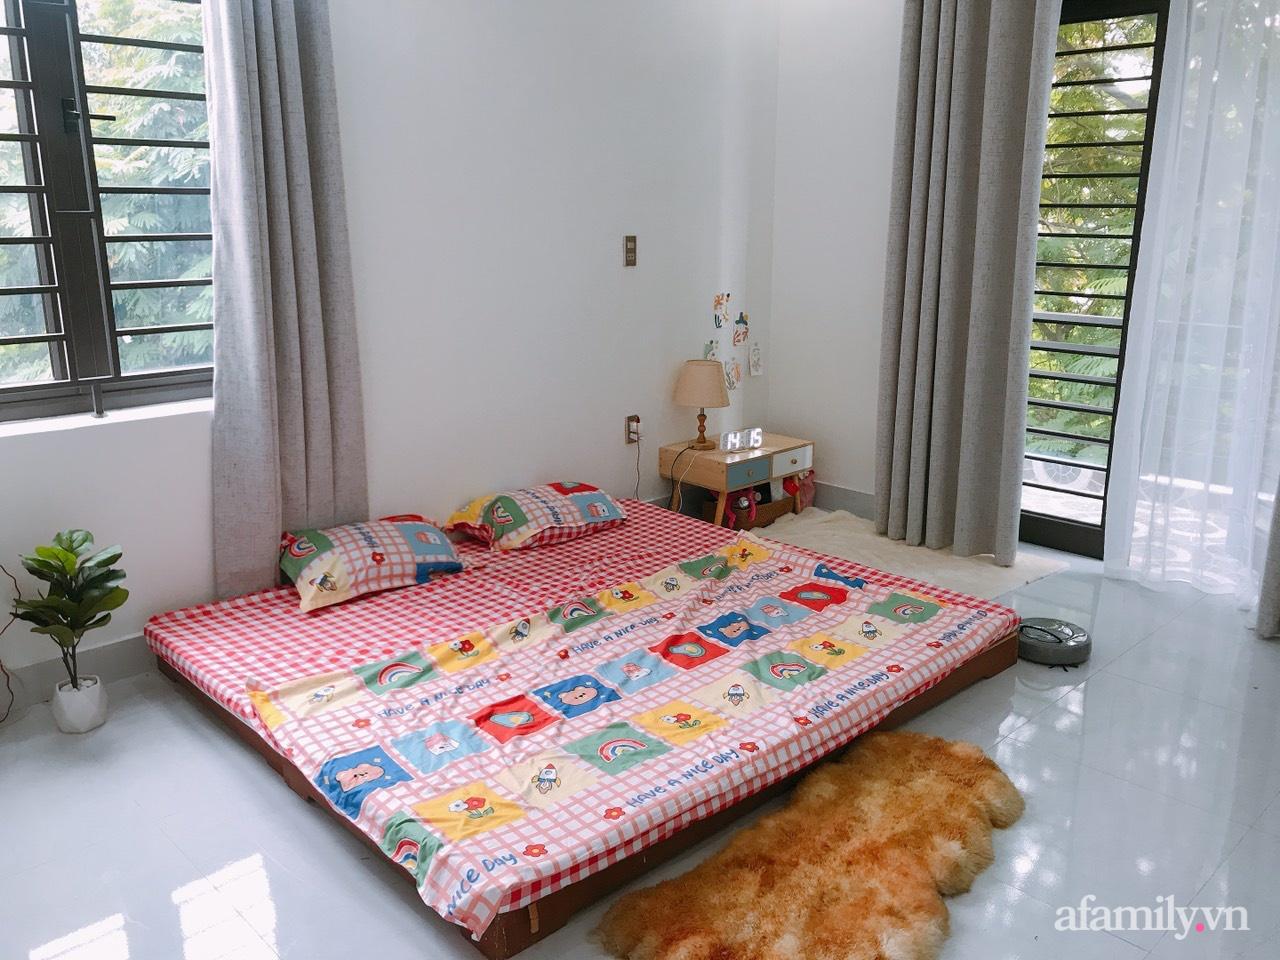 Từ lô đất méo mó vát góc, KTS thiết kế căn nhà đẹp mỹ mãn dành cho vợ chồng trẻ ở TP. Hải Dương có chi phí nội thất 150 triệu đồng - Ảnh 13.